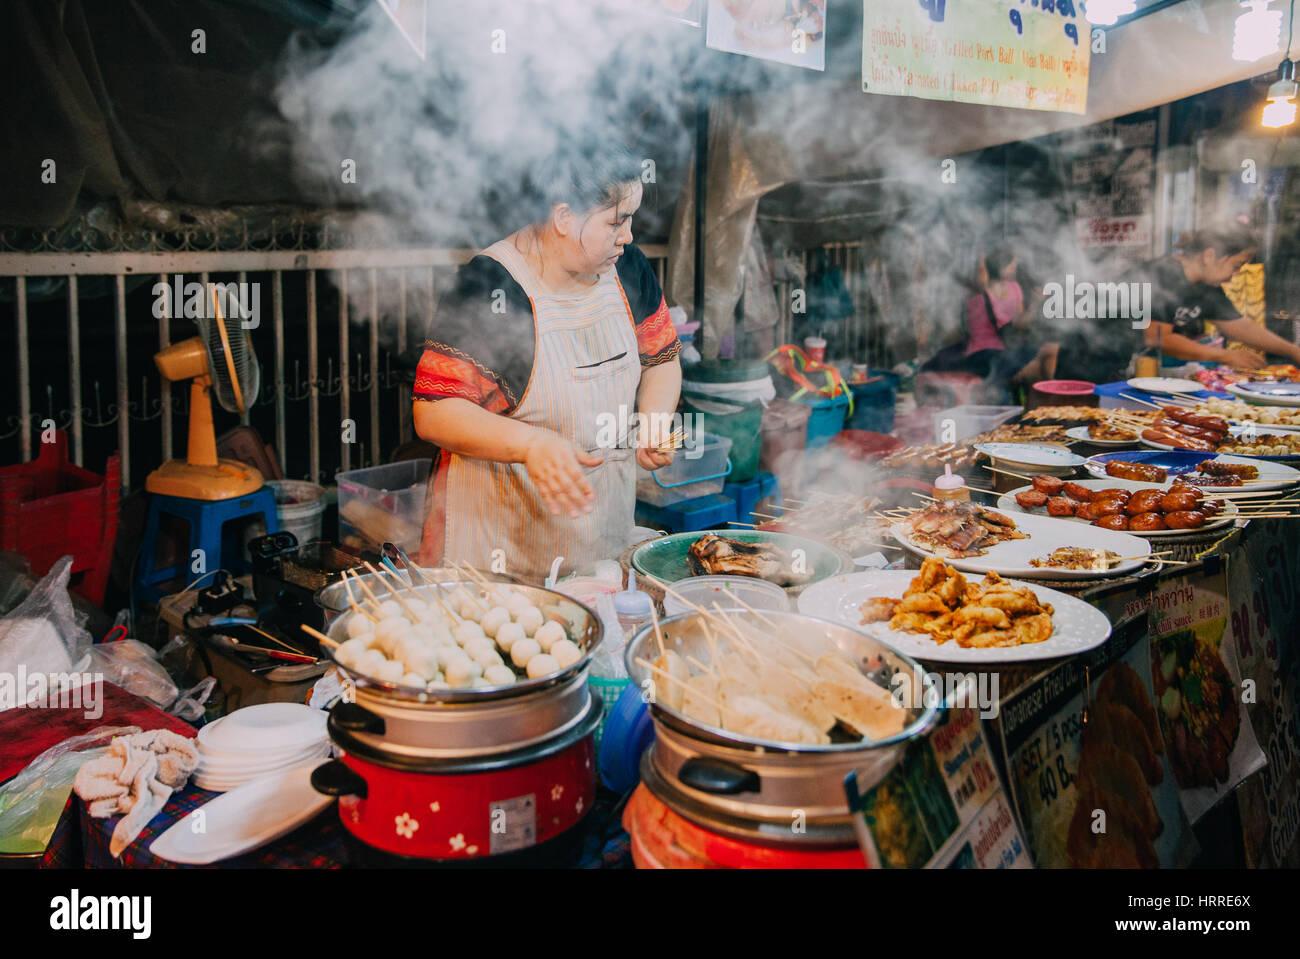 Chiang Mai, Tailandia, 27 de agosto de 2016: La mujer cocina tailandesa de alimentos para la venta en el mercado Imagen De Stock